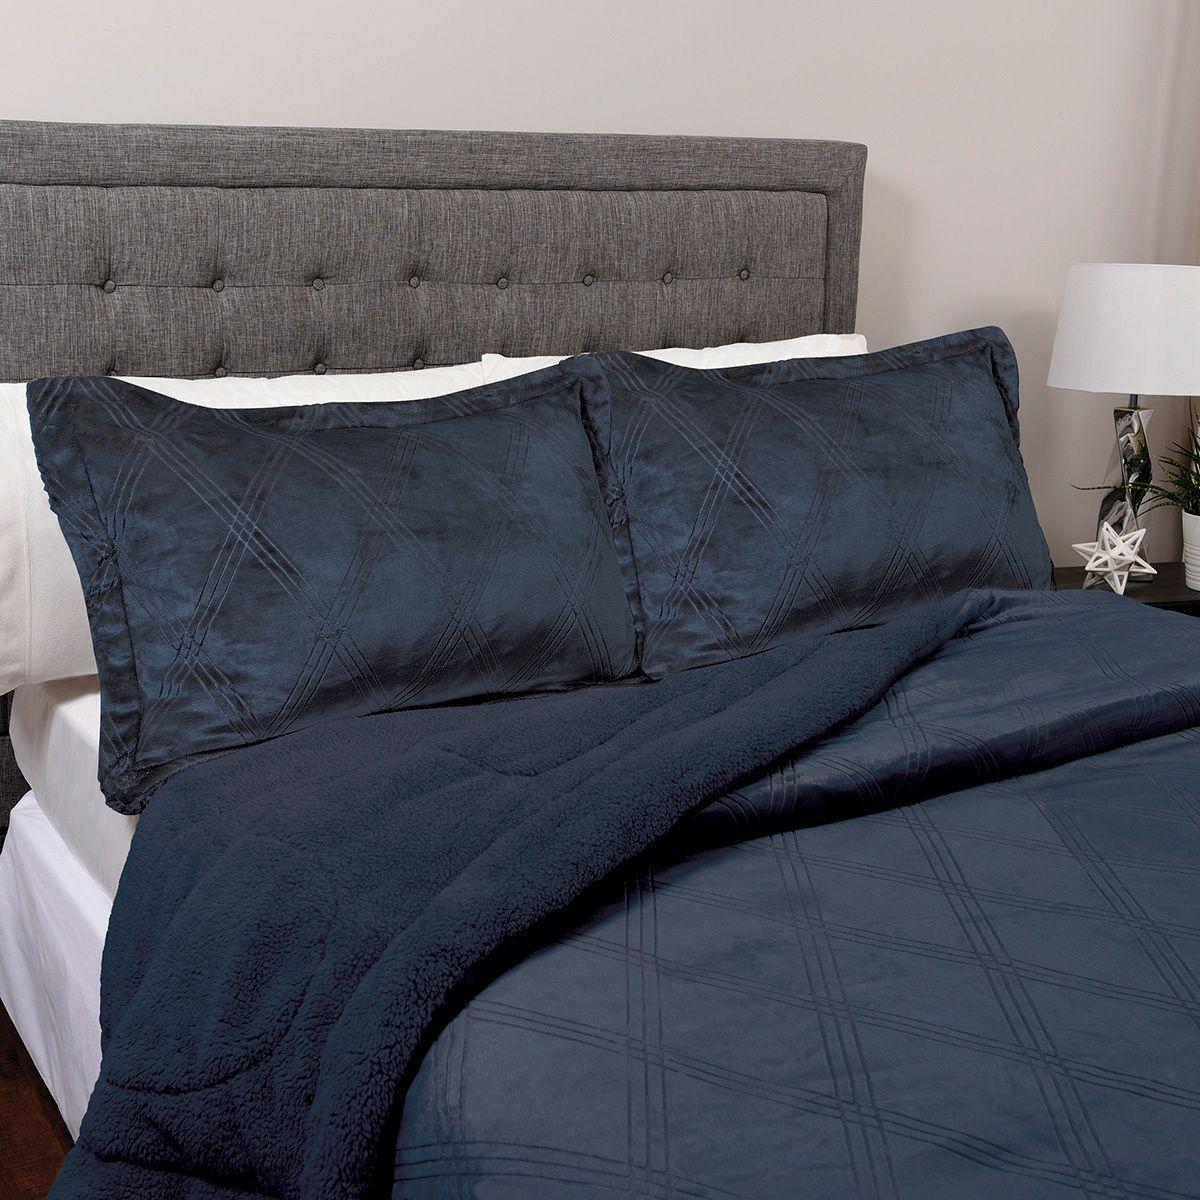 Costco: Life Comfort, Ropa de Cama Reversible Aterciopelado King Size, 3 Piezas